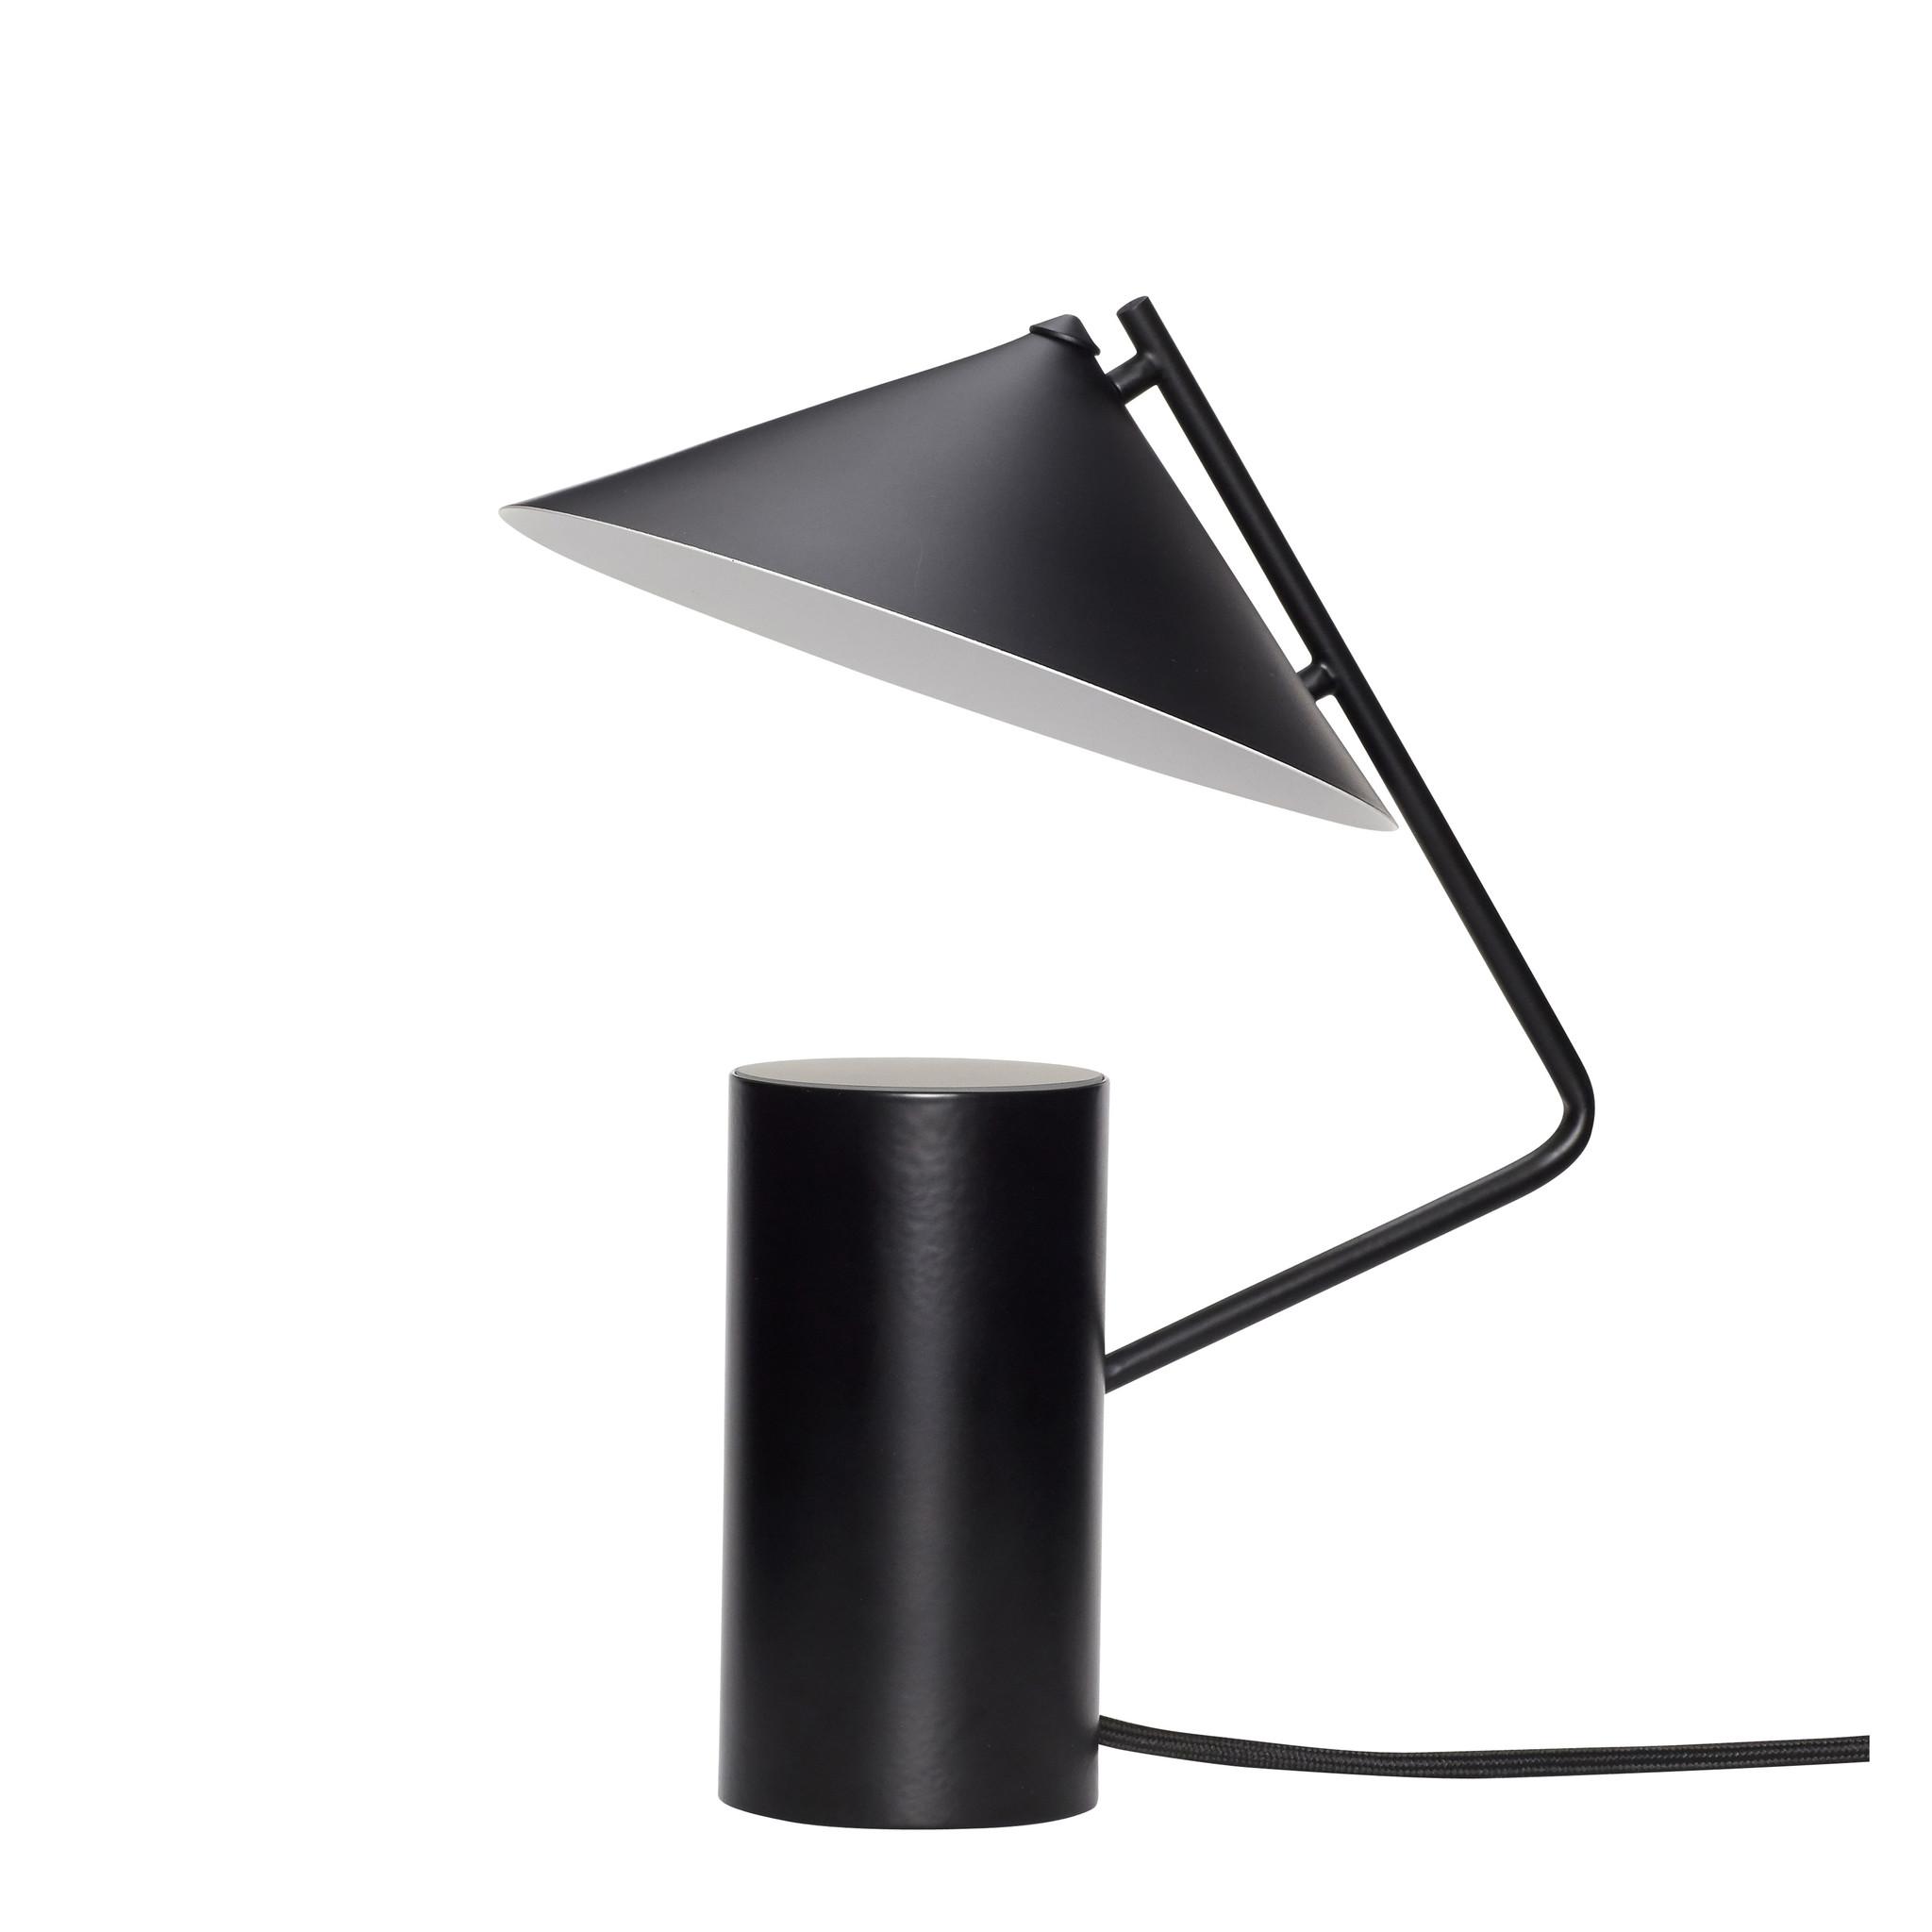 Hubsch Tafellamp zwart, metaal-991204-5712772102169